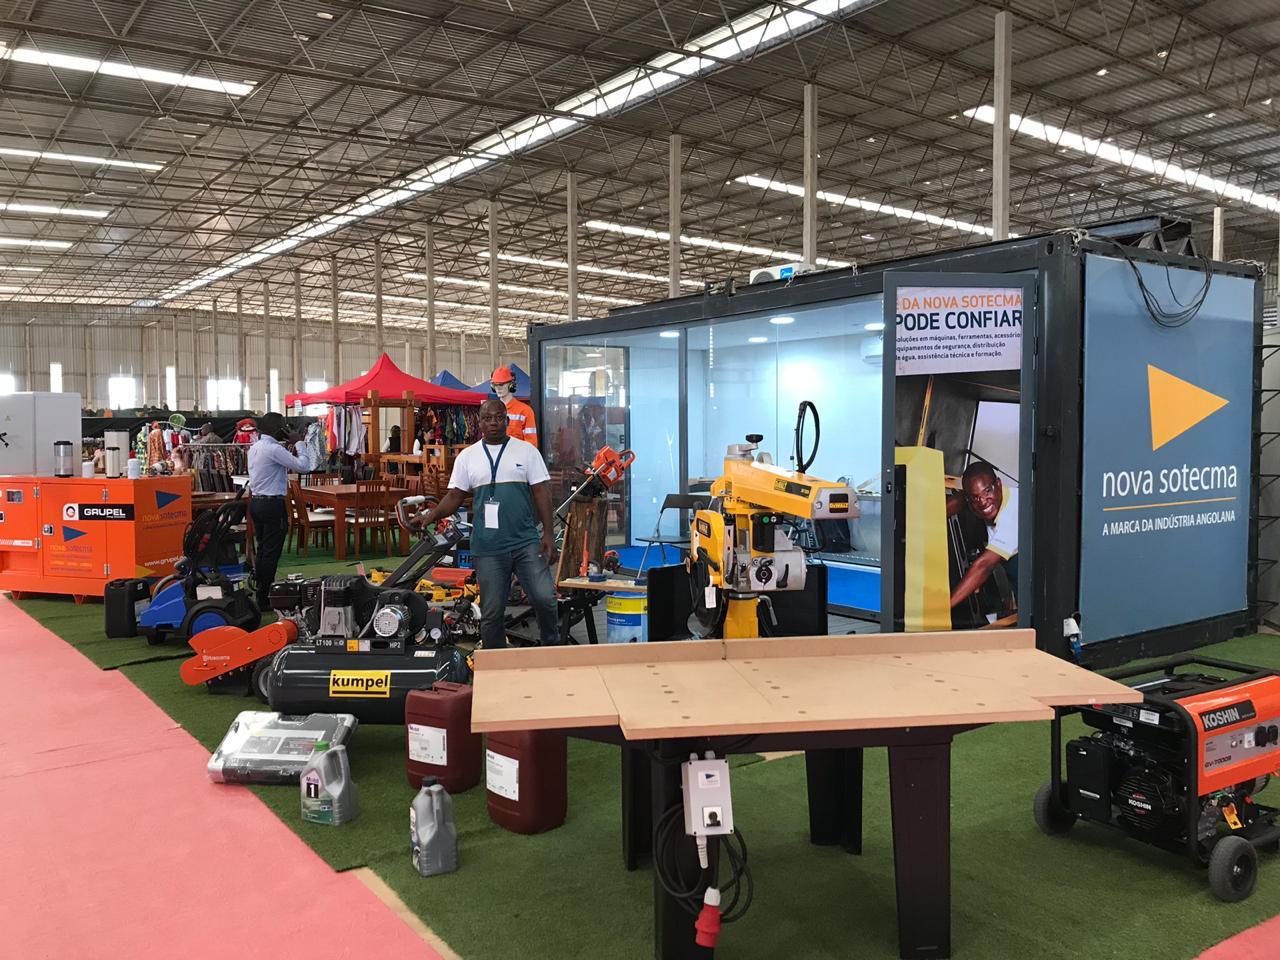 A Nova Sotecma na 1ª edição da Feira das Indústrias do Mobiliário e Madeira de Angola (FIMMA)